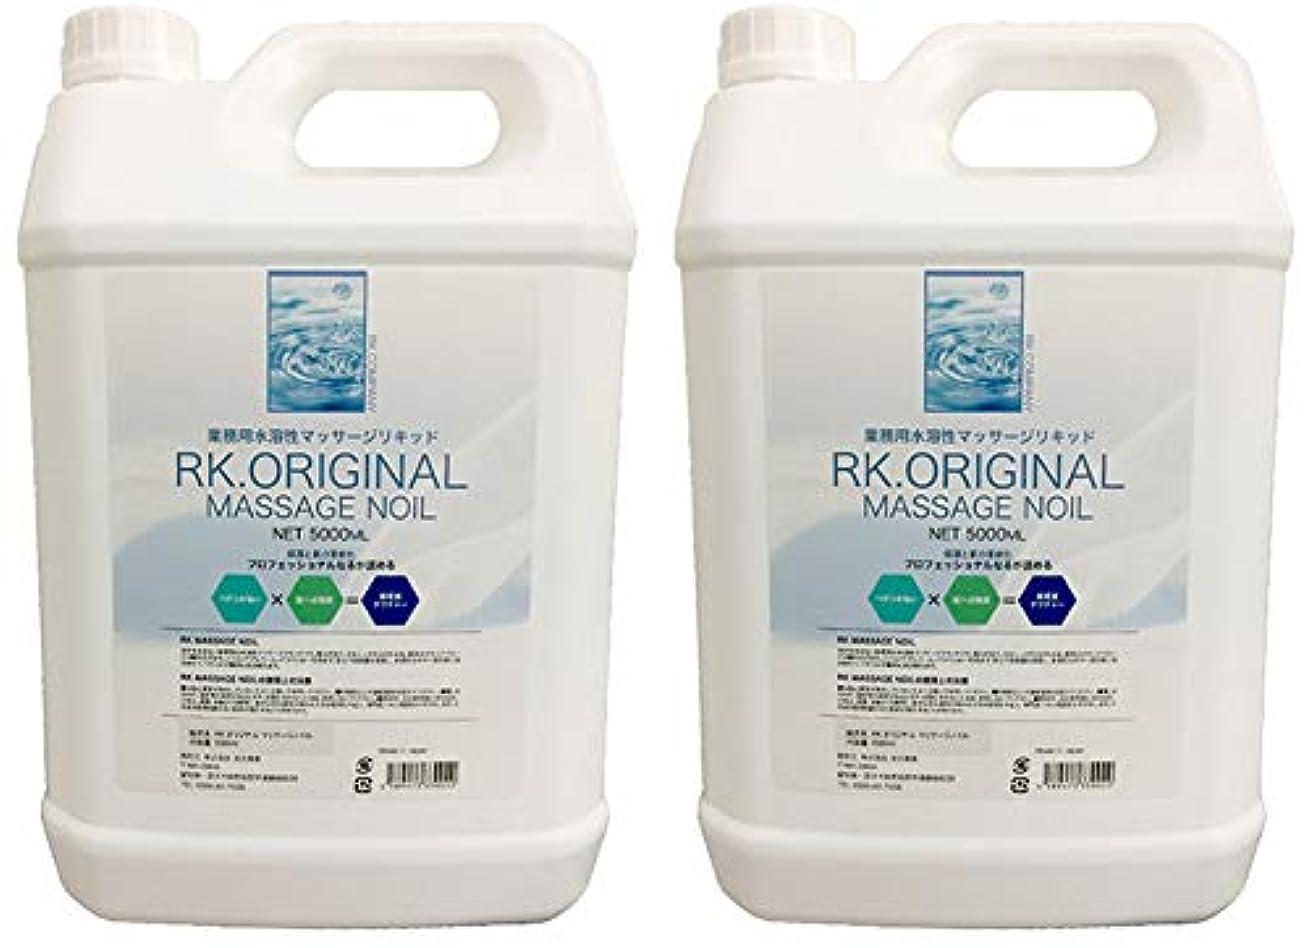 スチュアート島電話するお風呂RK.ORIGINAL マッサージオイル 業務用 国産 水溶性 マッサージリキッド 5L (2個セット) エステ店御用達